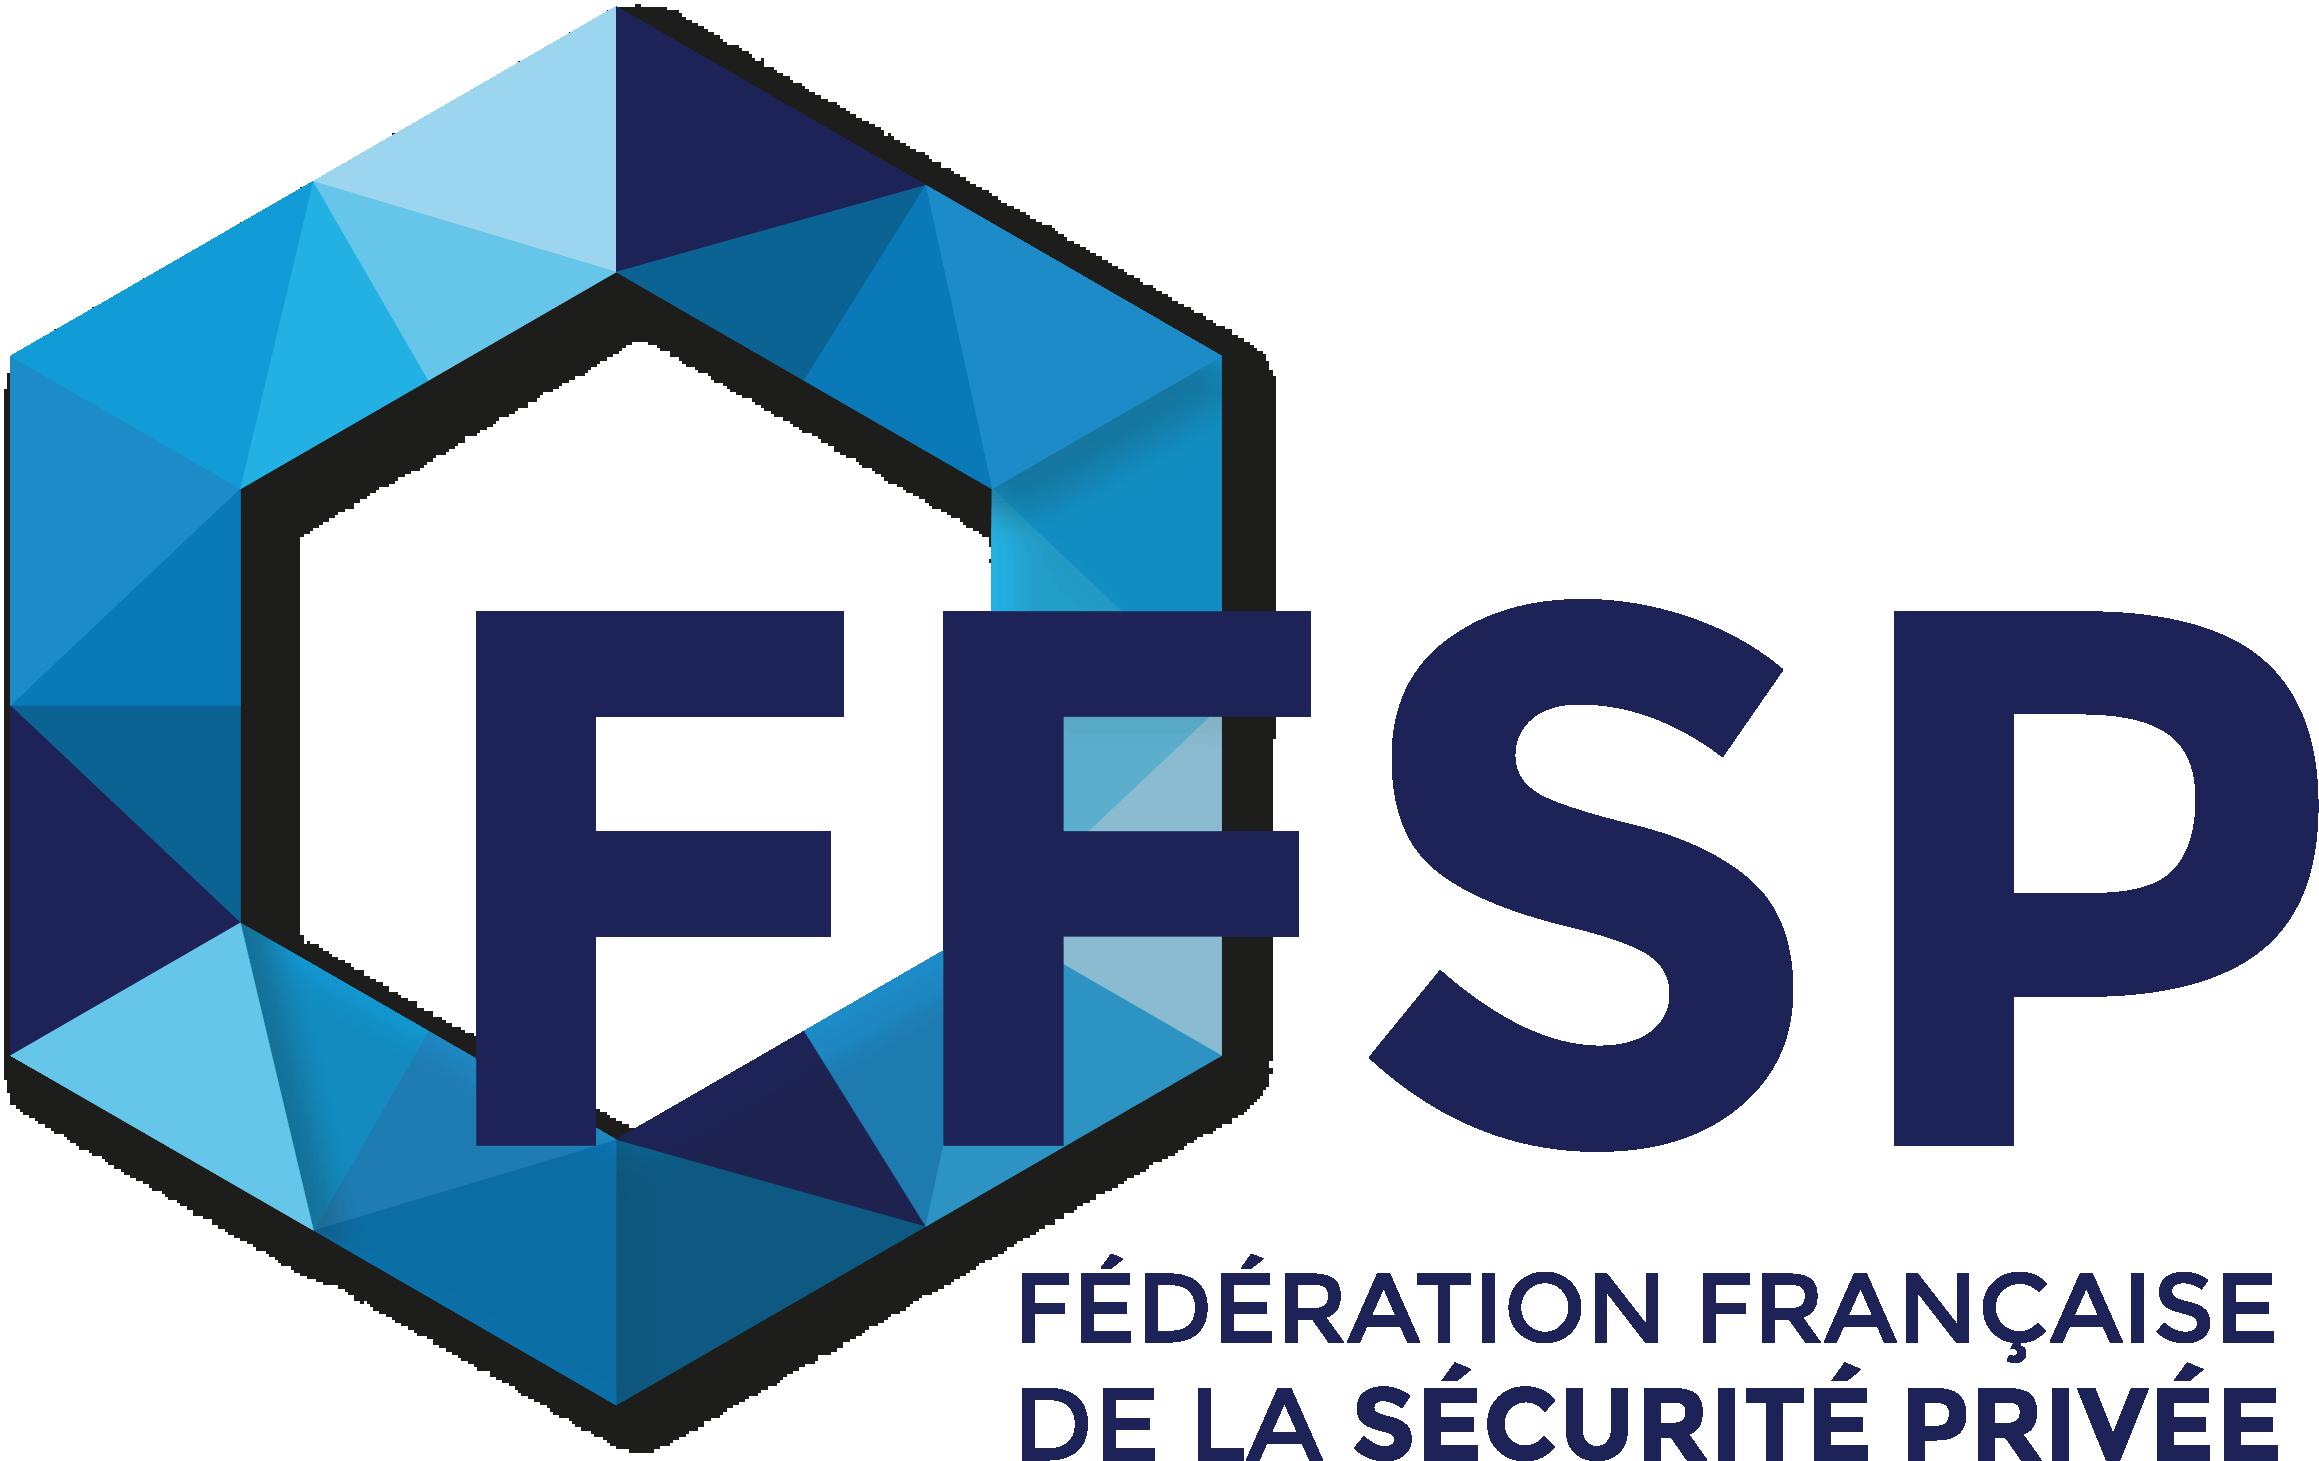 Fédération Française de la Sécurité Privée (FFSP) - Facilities, site du Facility management